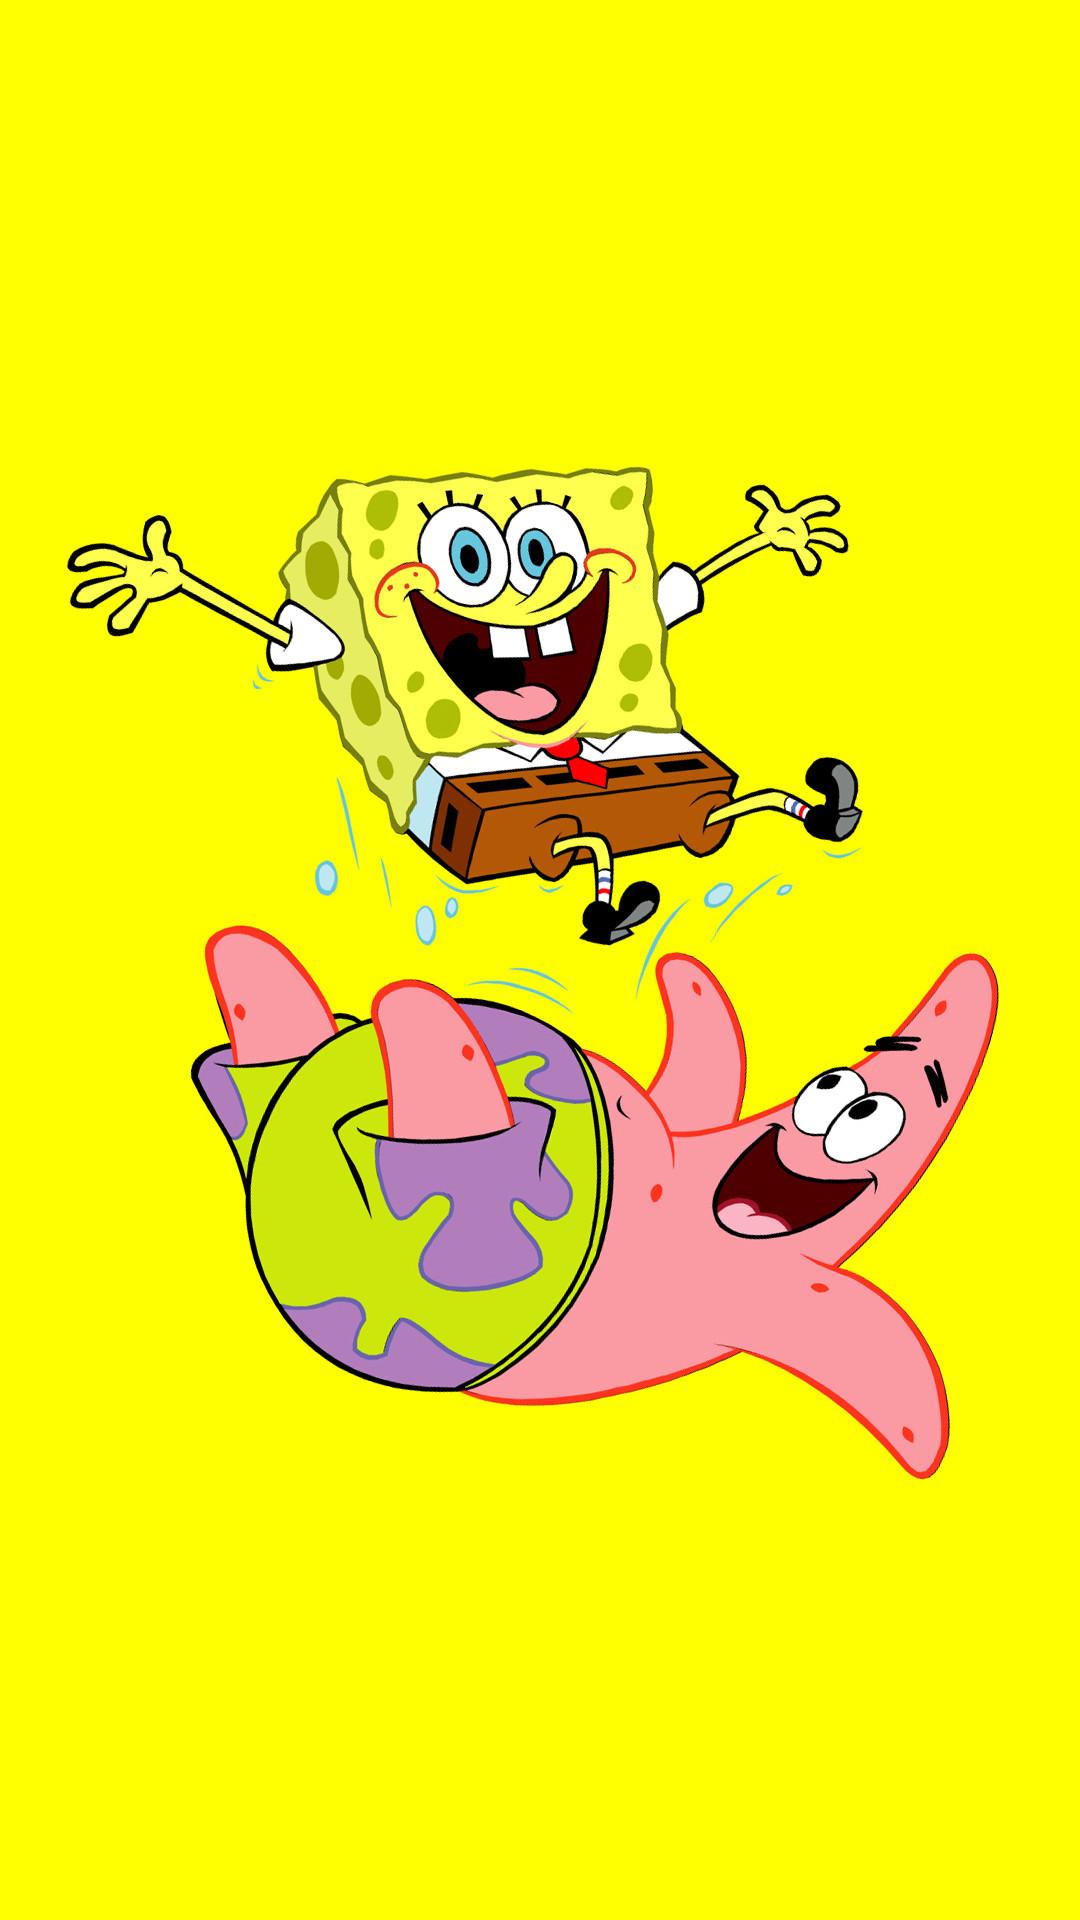 Spongebob Screensavers And Wallpaper (66+ Images